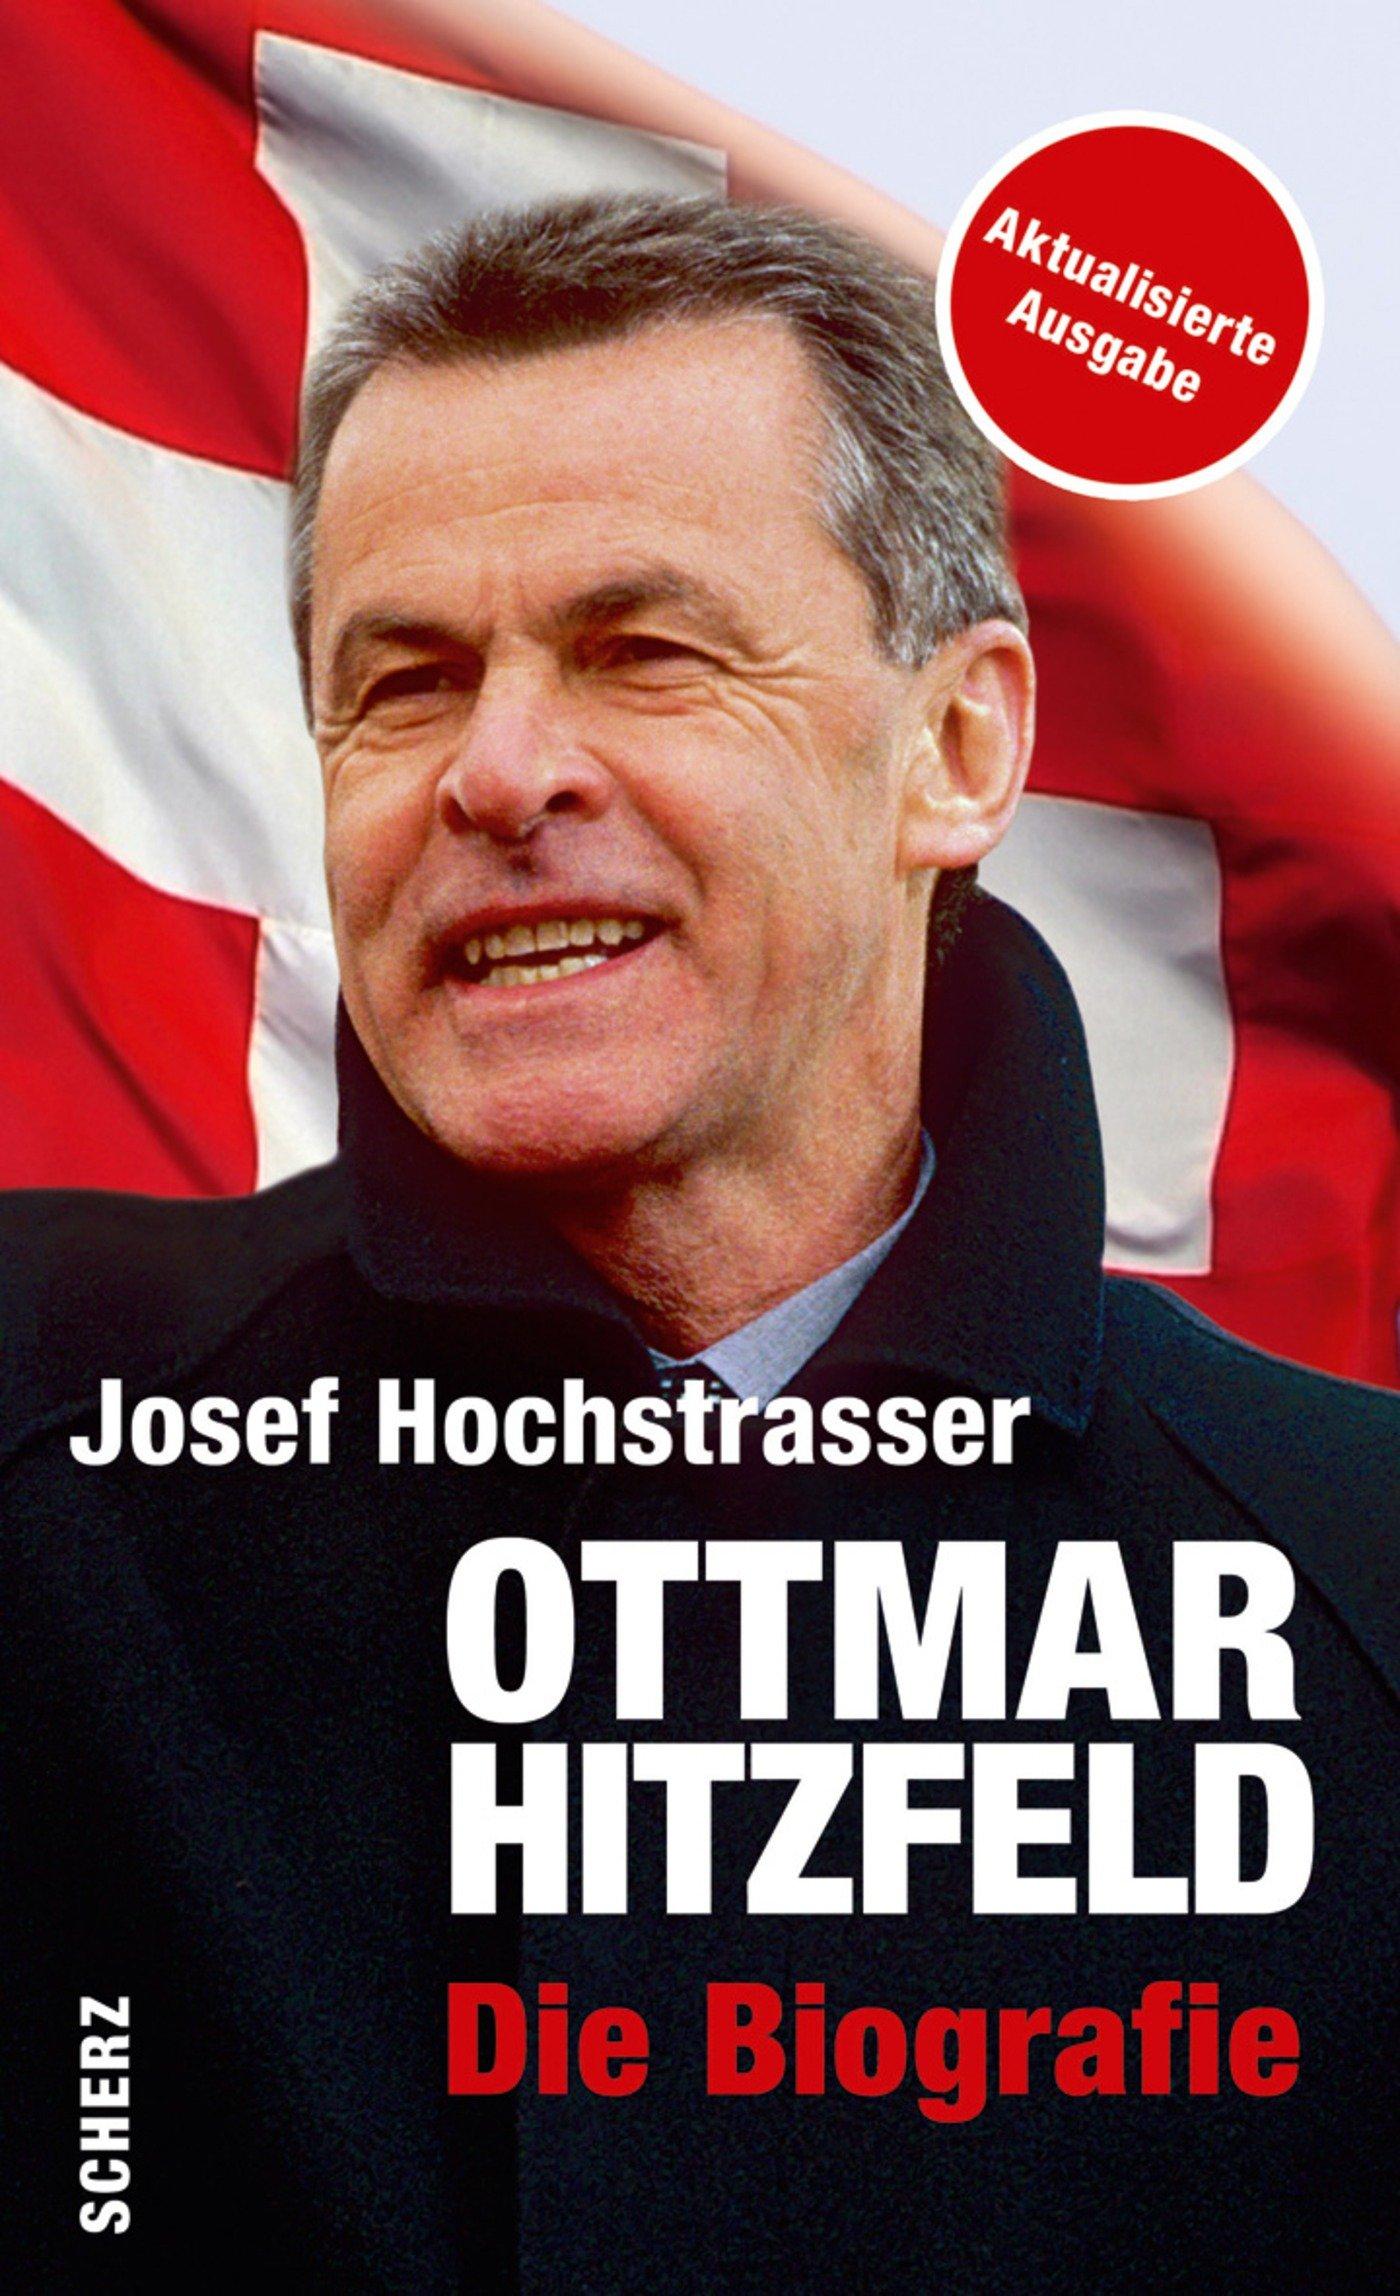 Ottmar Hitzfeld: Die Biographie Broschiert – 13. Oktober 2008 Josef Hochstrasser FISCHER Scherz 3502151717 Ballsport